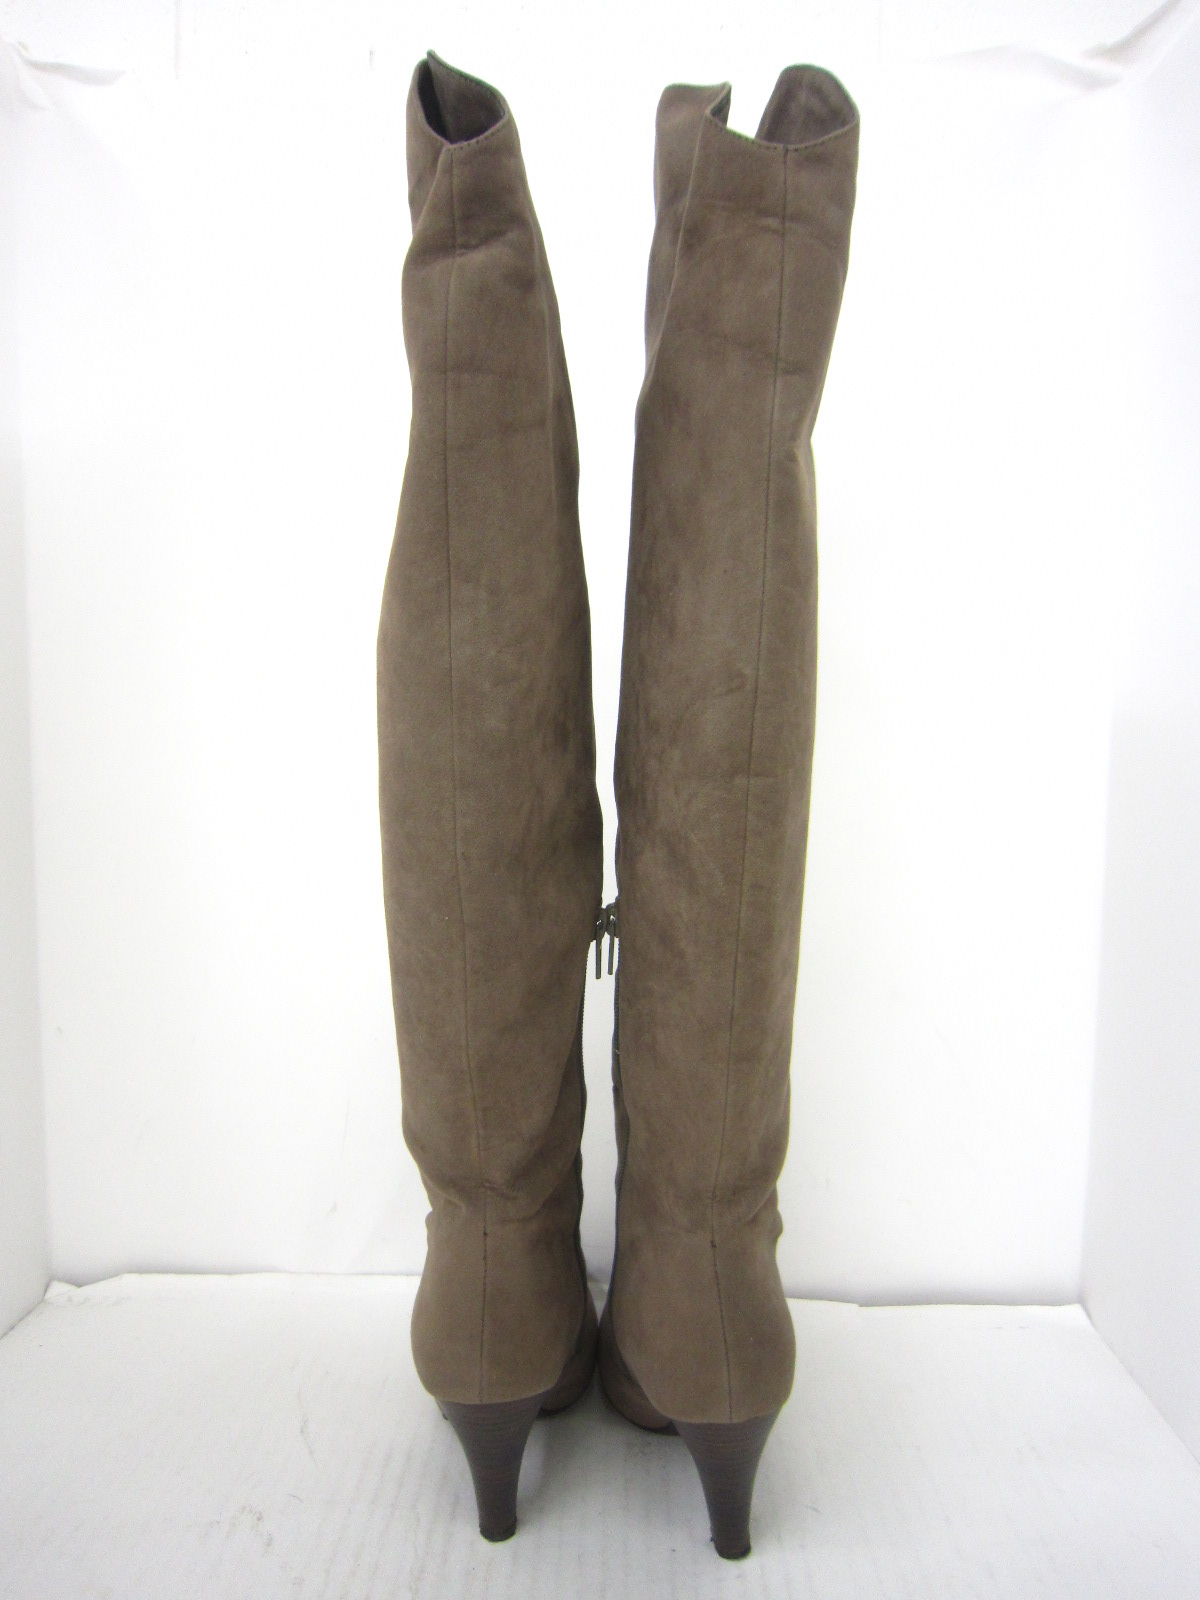 31Sonsdemode(トランテアンソンドゥモード)のブーツ